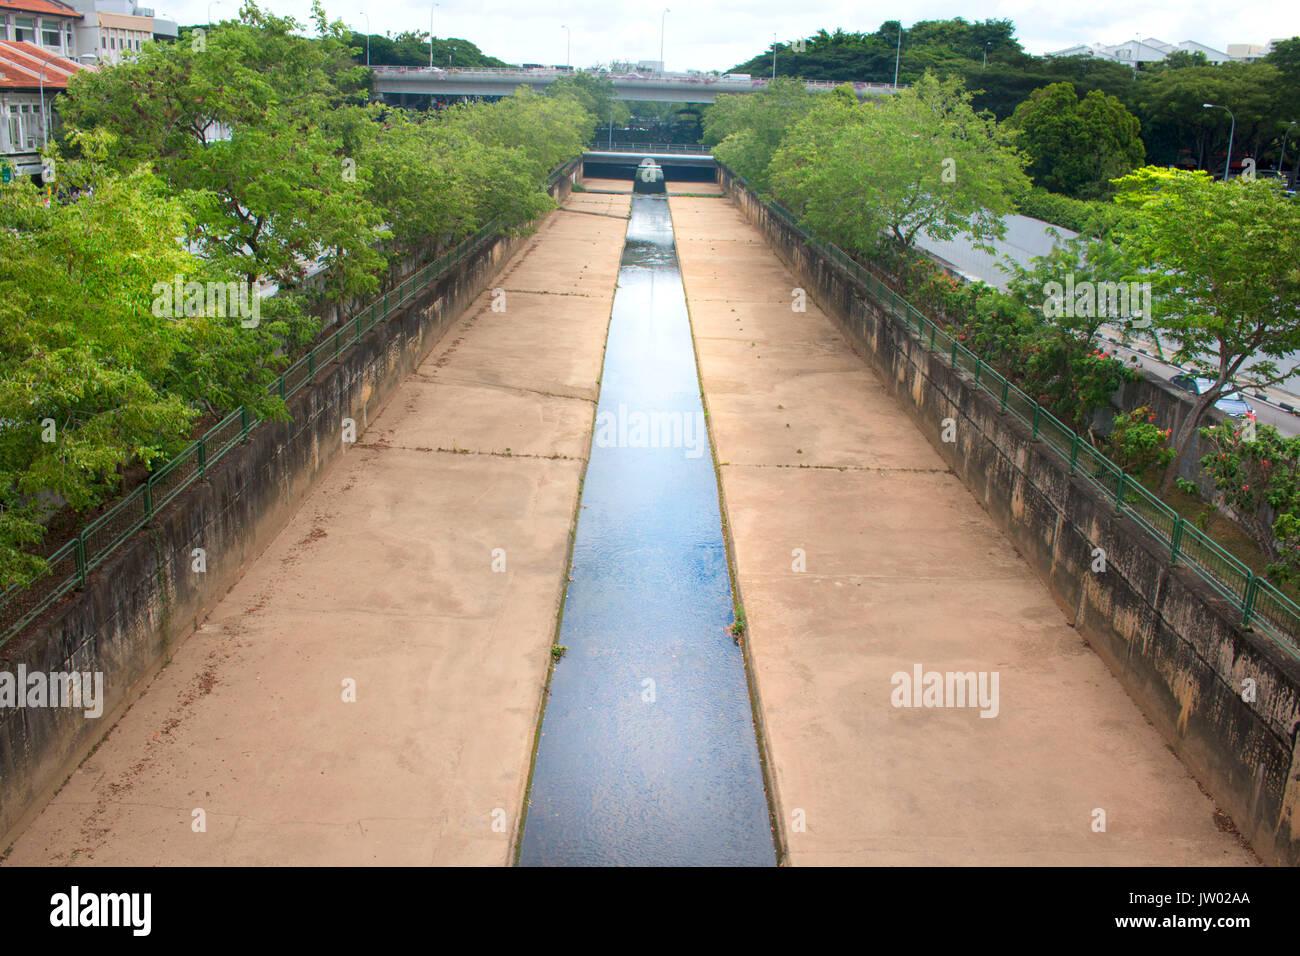 Cours d'eau de pluie de la ville Photo Stock